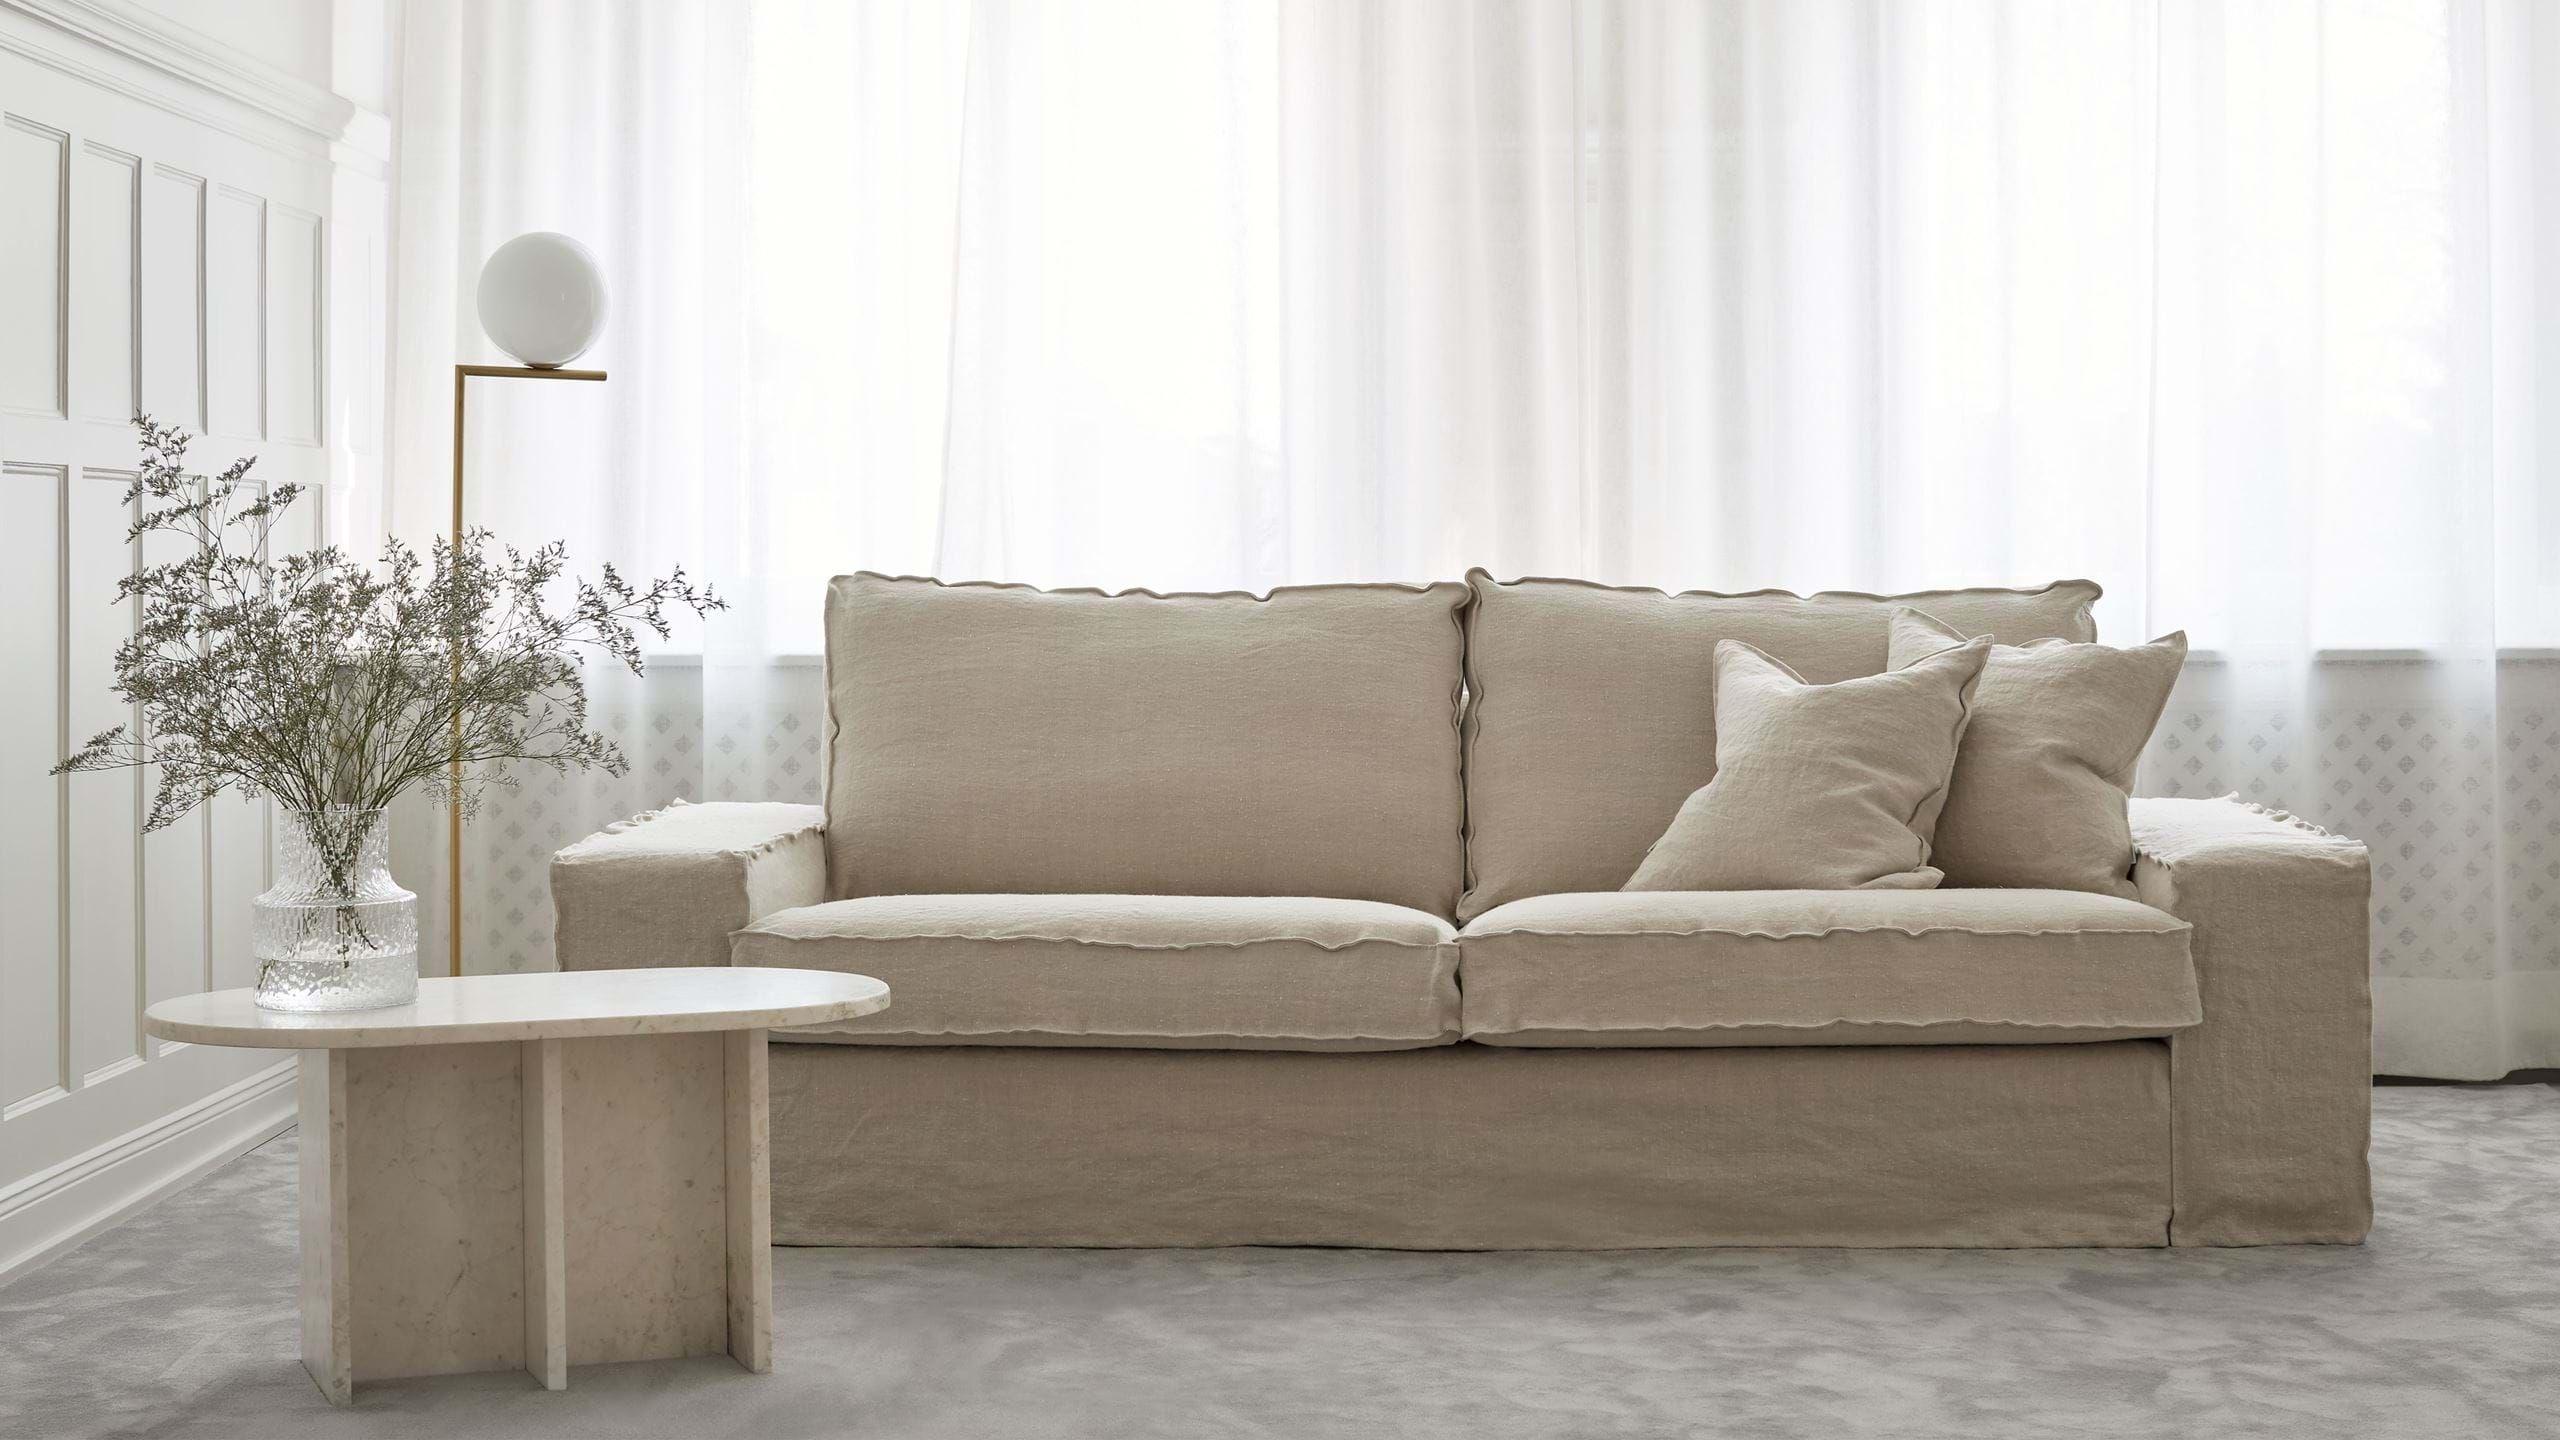 IKEA Kivik sofa review by Bemz Bemz Kivik sofa, Ikea